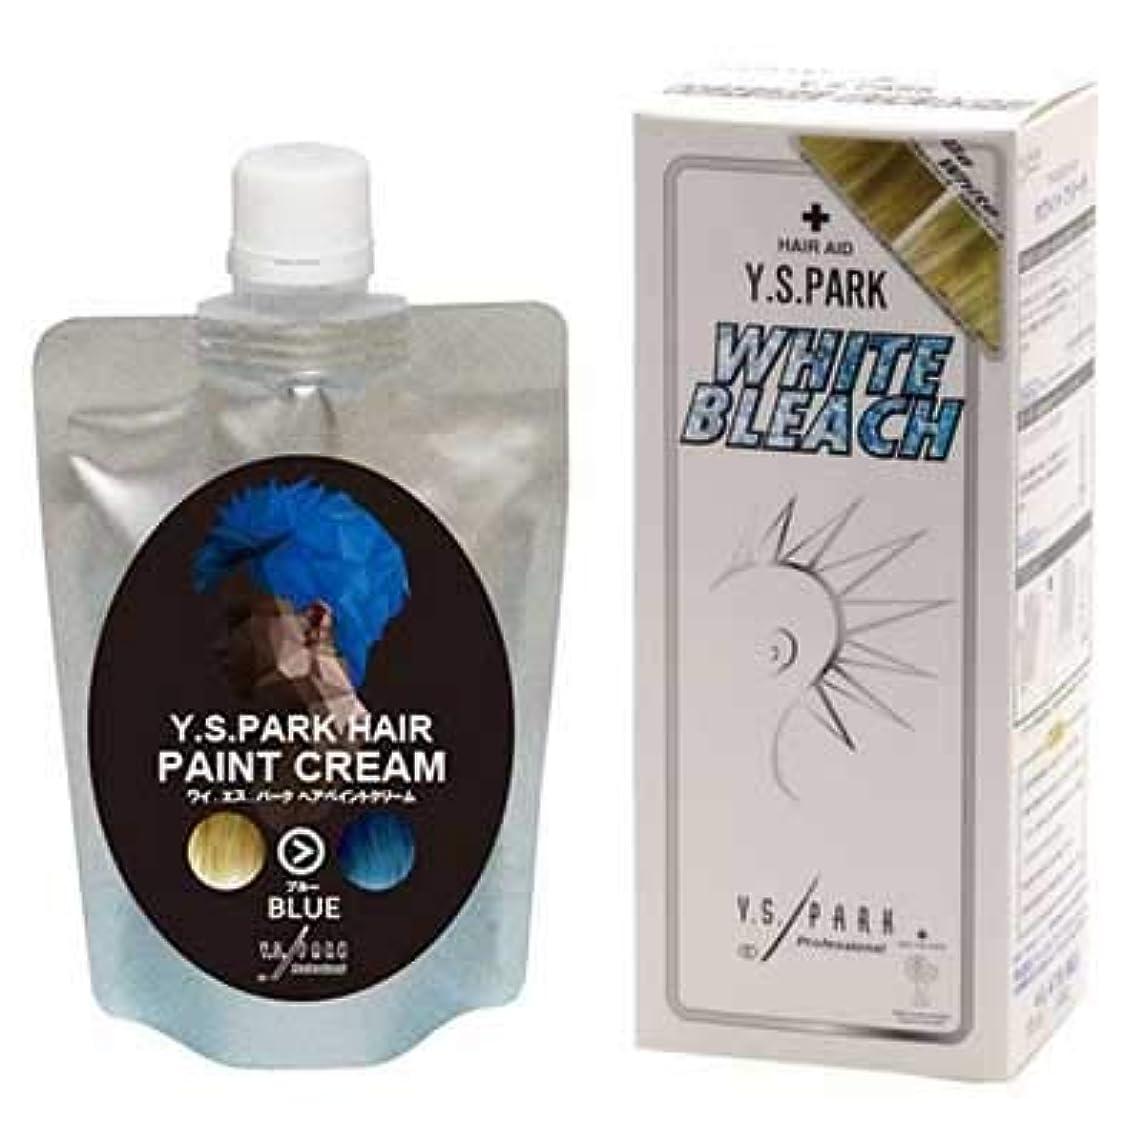 ビザ代わりのリストY.S.PARKヘアペイントクリーム ブルー 200g & Y.S.PARKホワイトブリーチセット